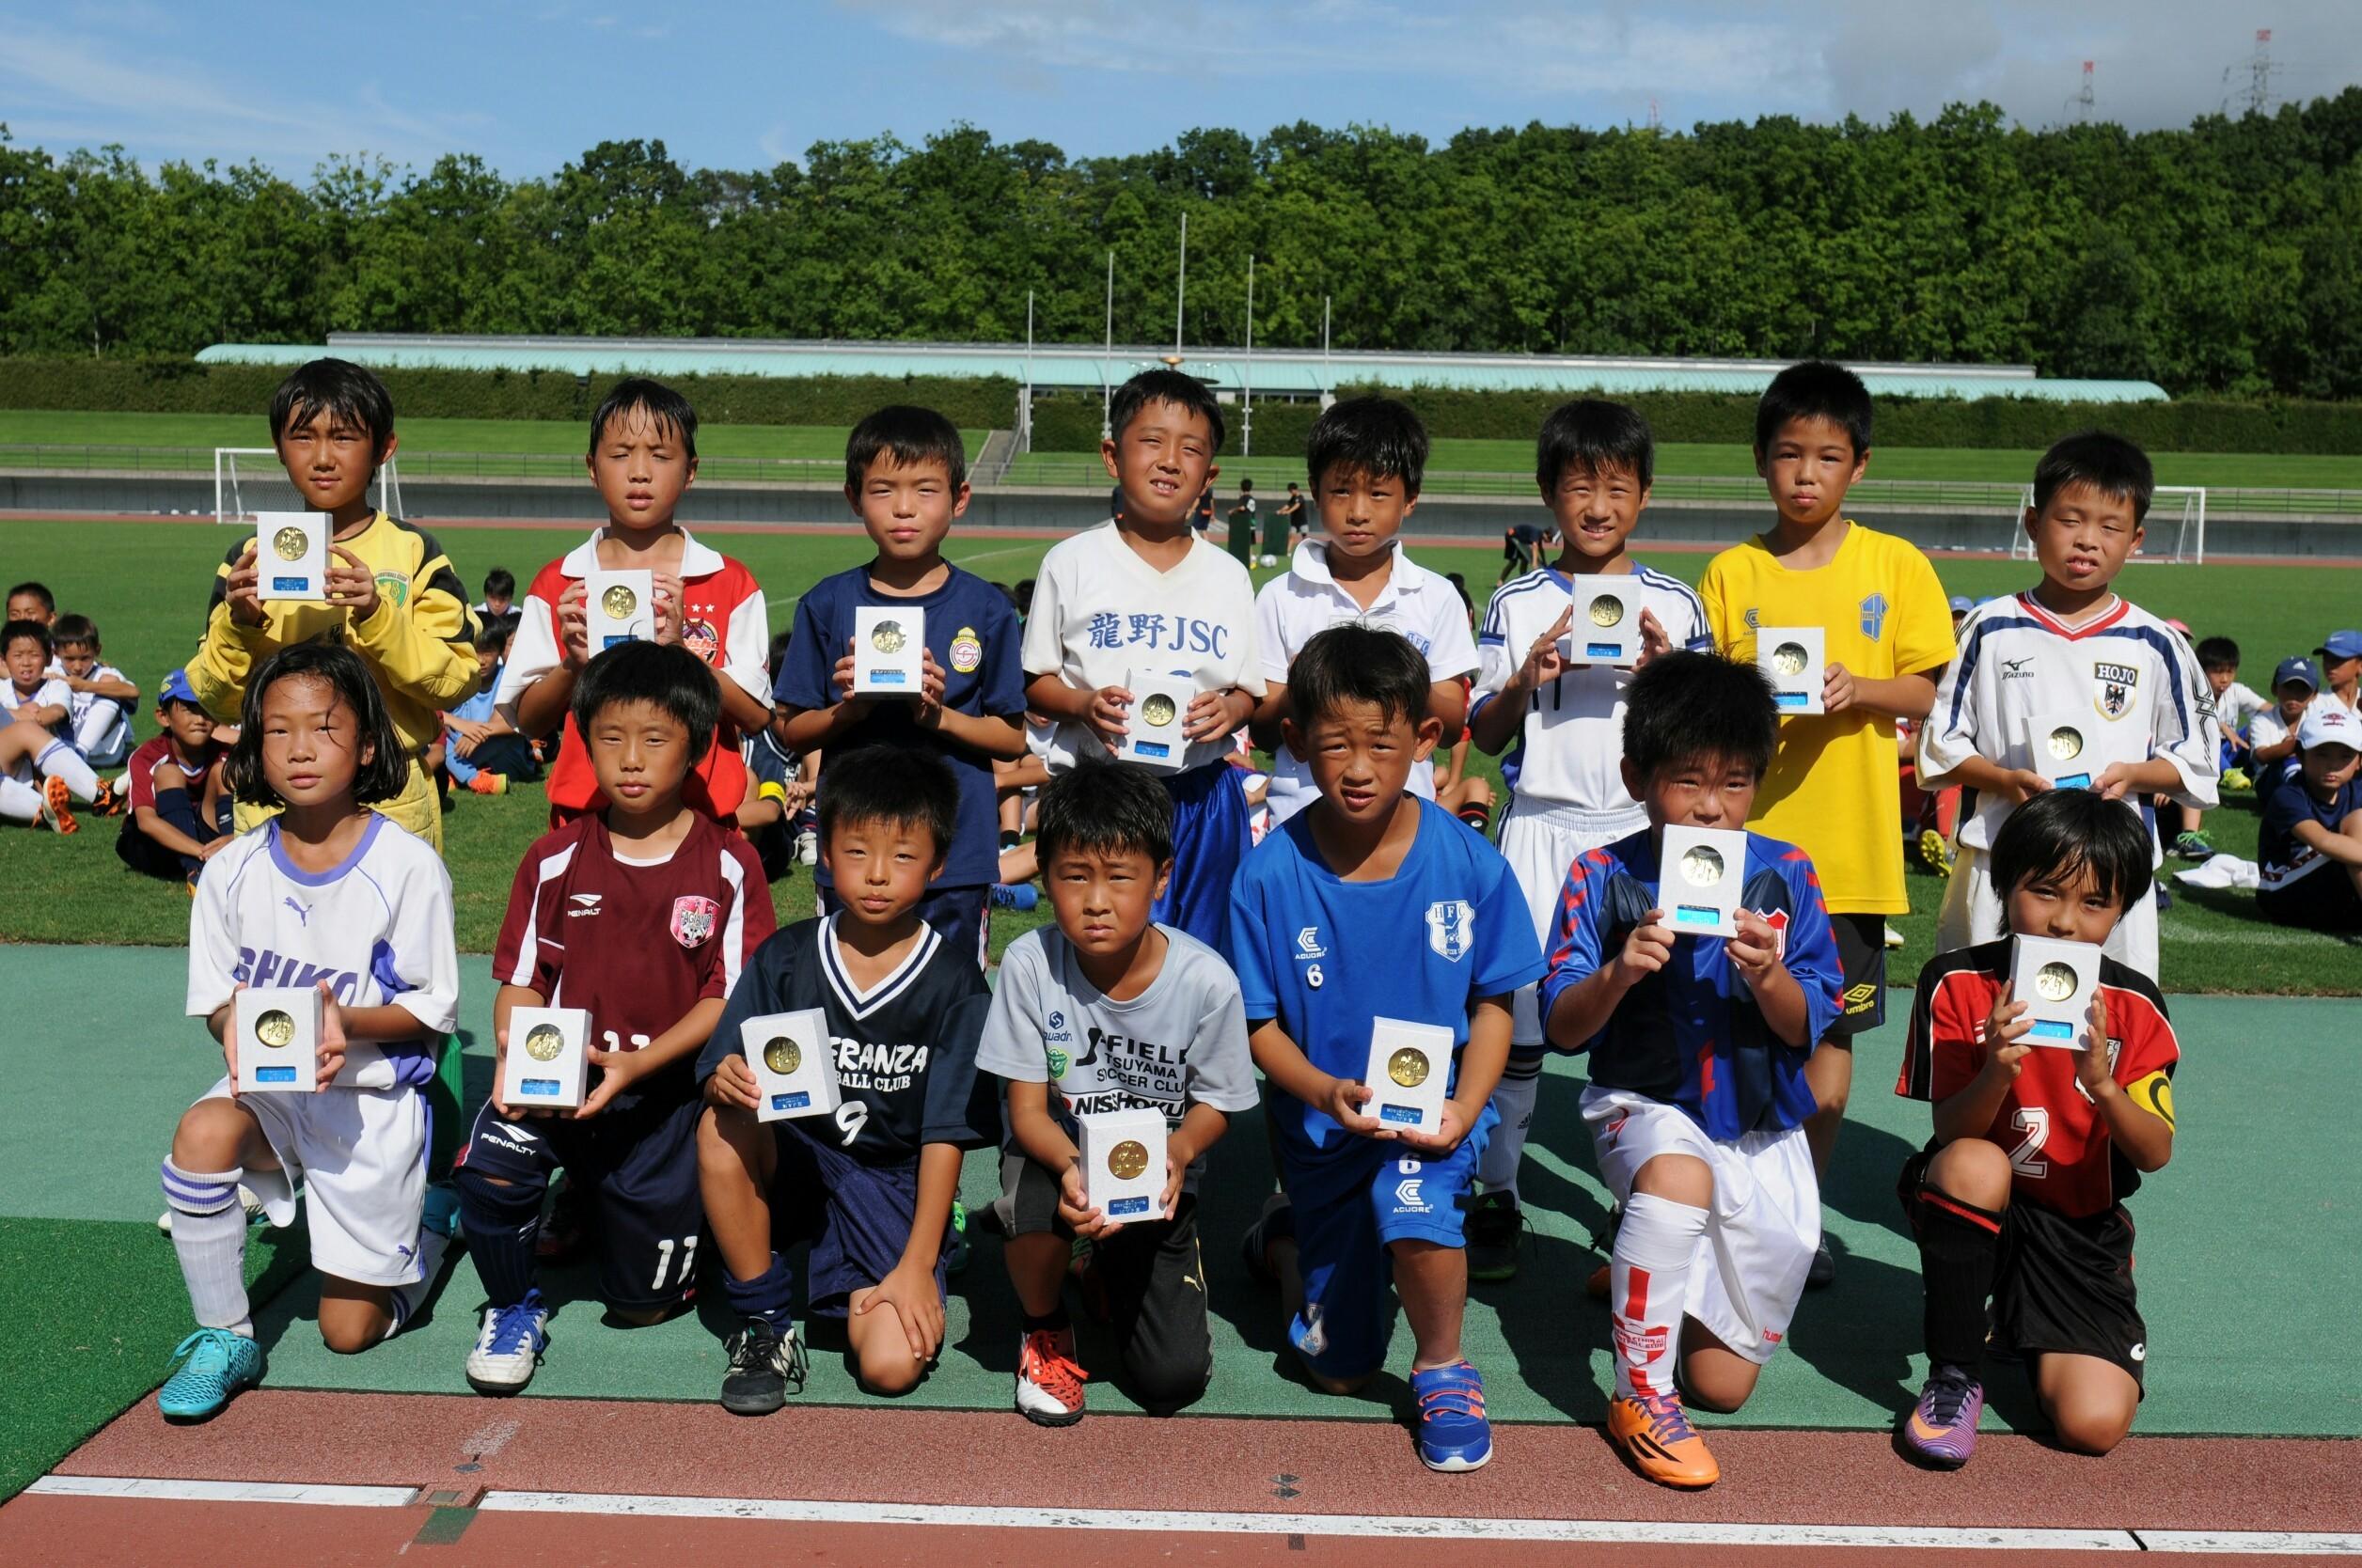 第1回 西日本少年サッカー大会 布勢カップ